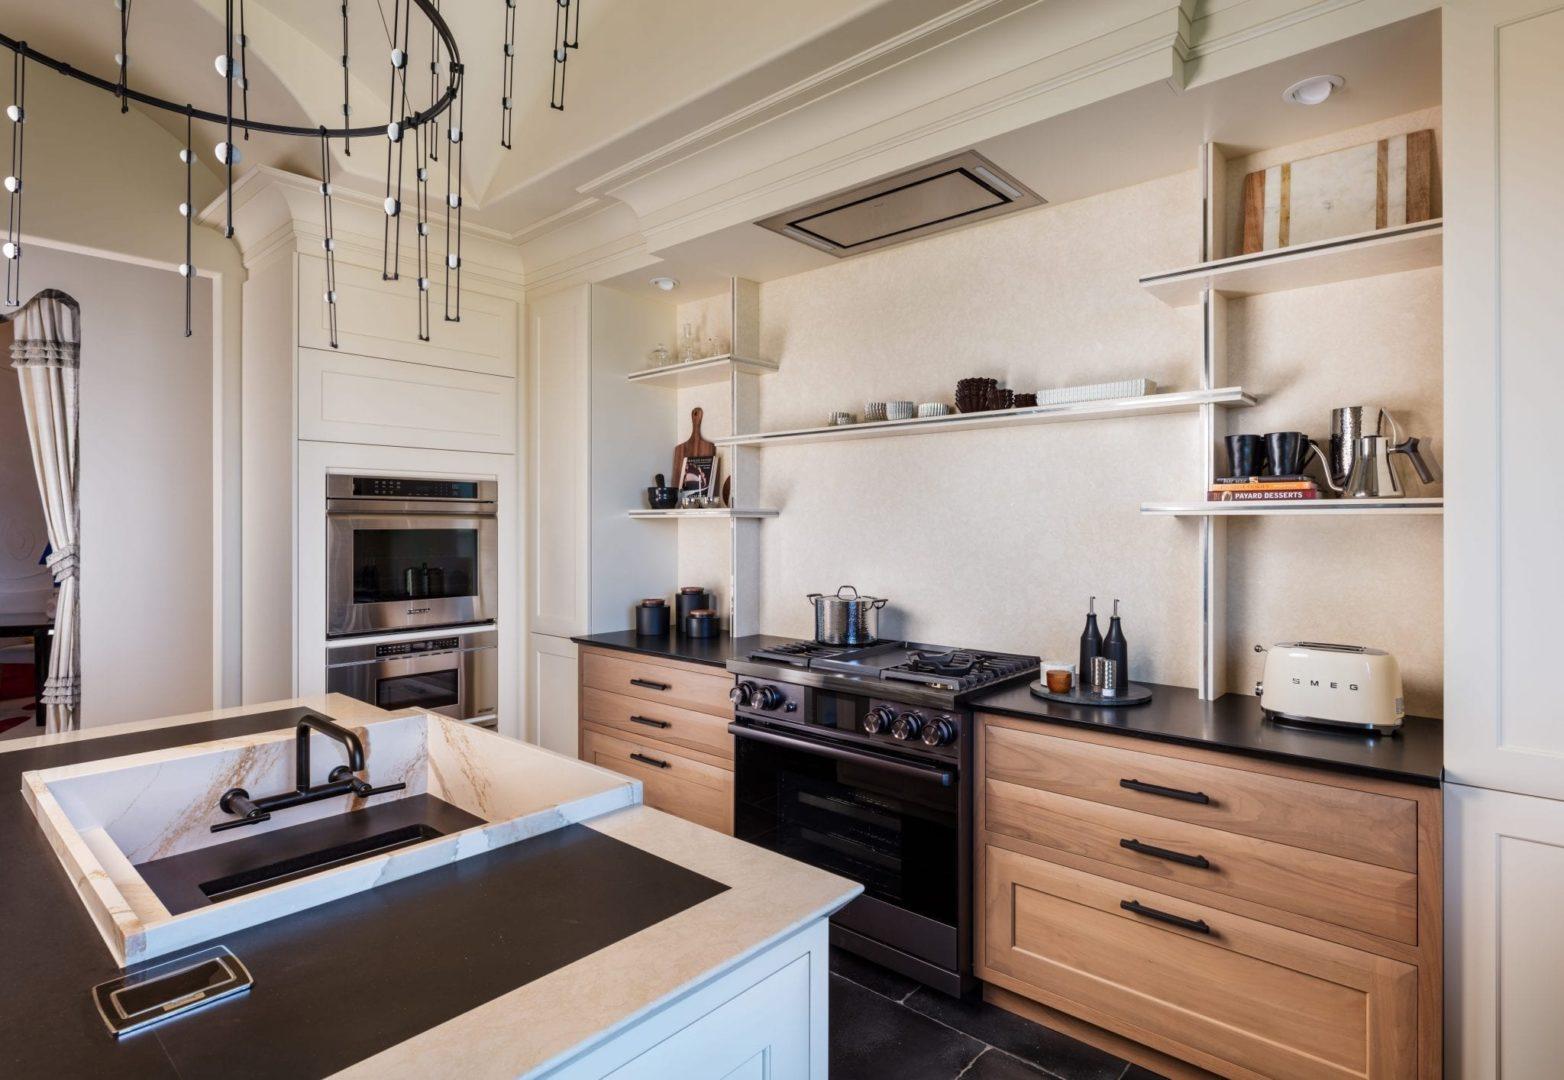 Vasi Ypsilantis Expert Kitchen Shines For Kips Bay